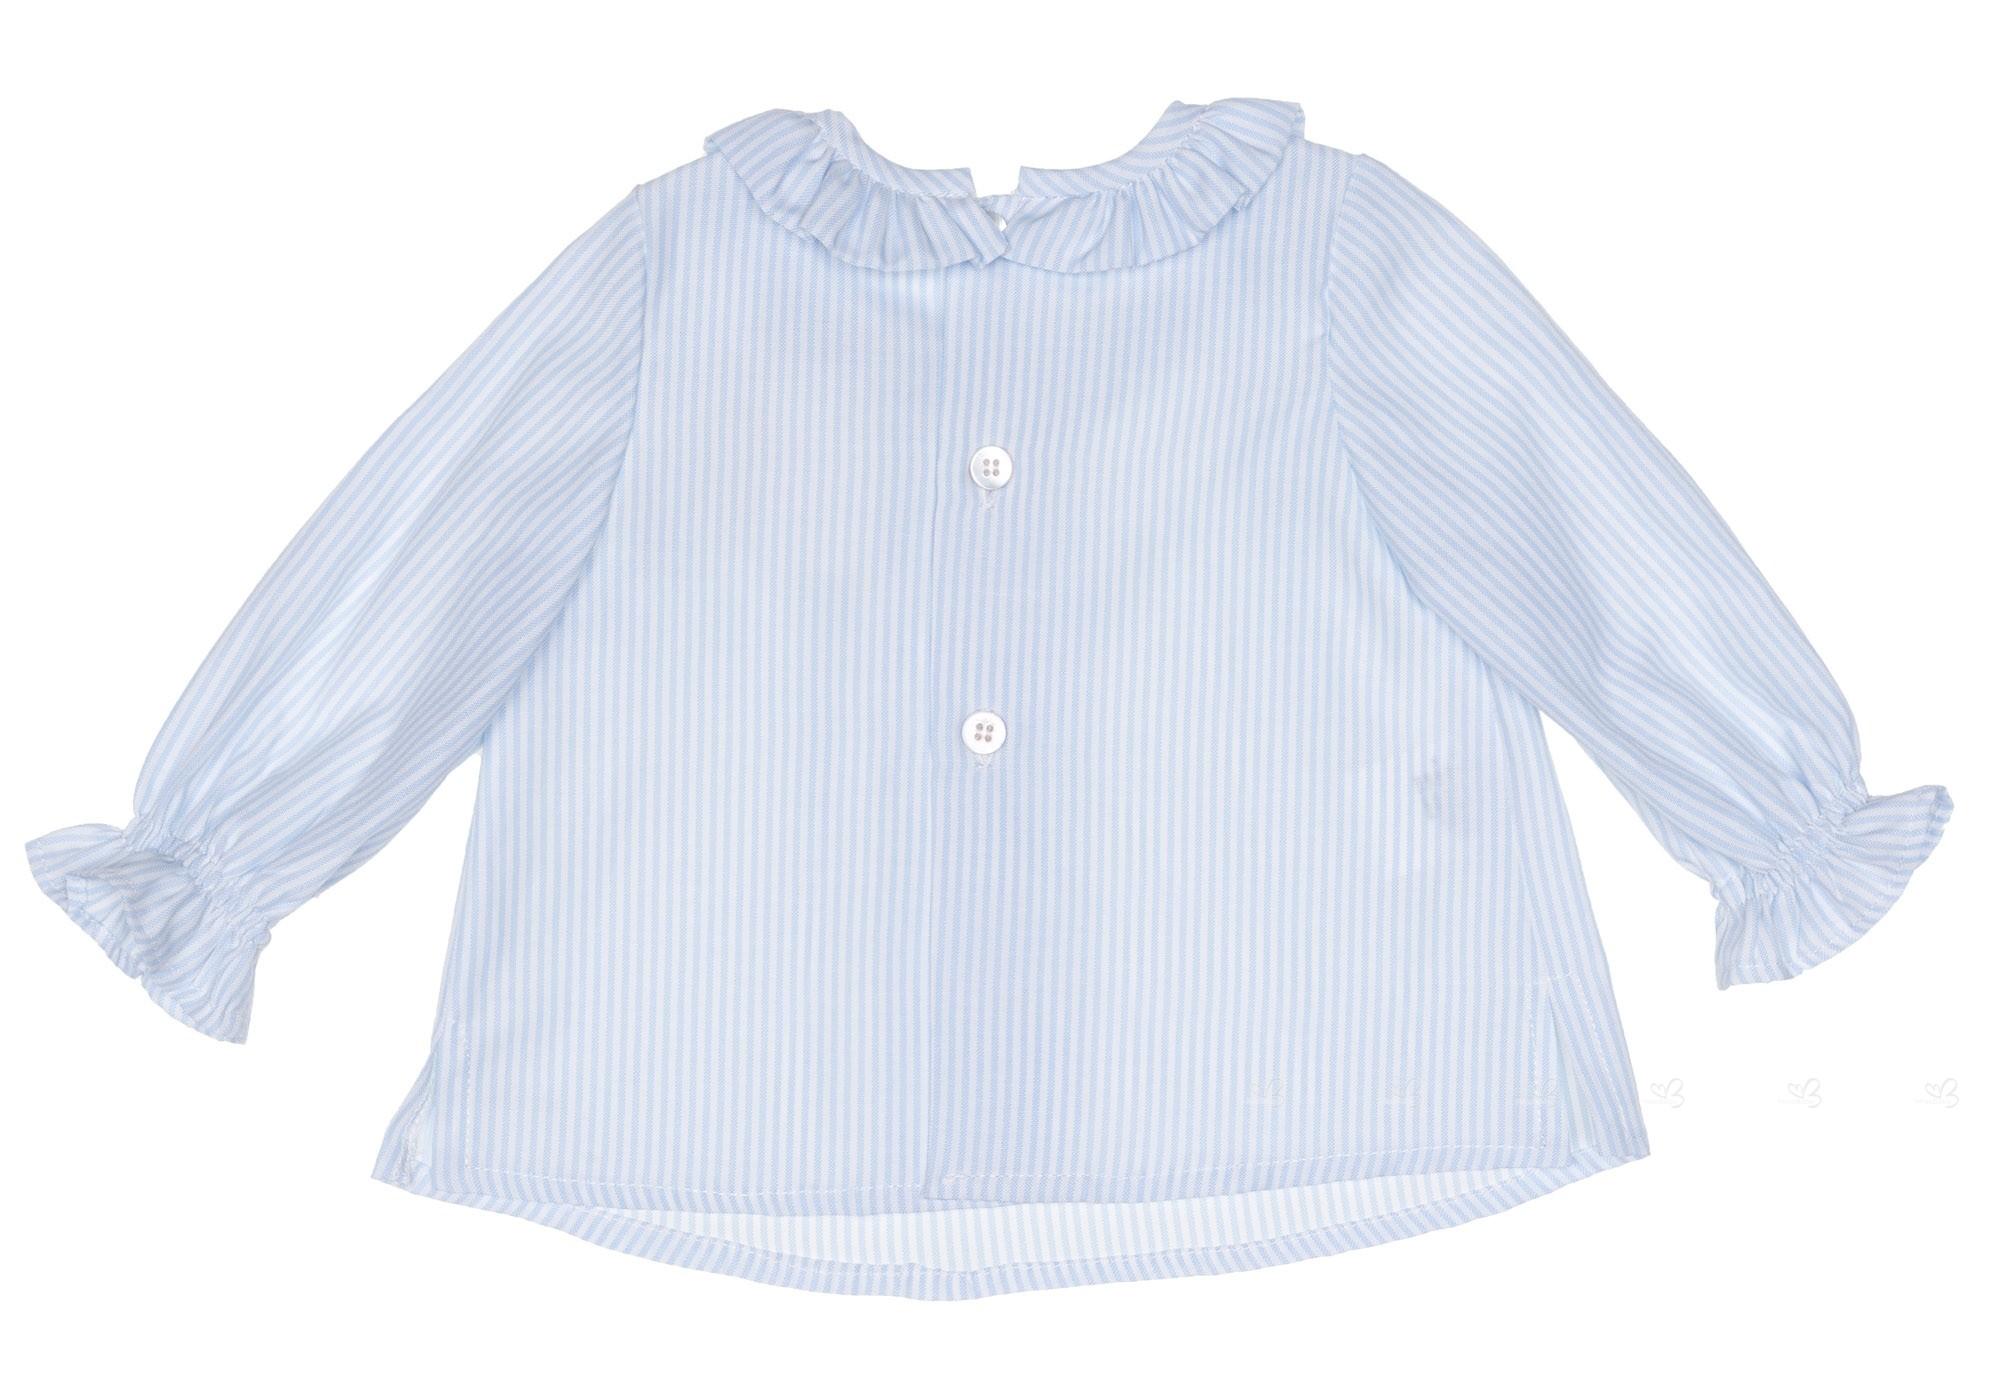 a9bc53e39a9 ... Conjunto Bebé Niño Camisa Cuello Rayas Azul   Rana Marino ...